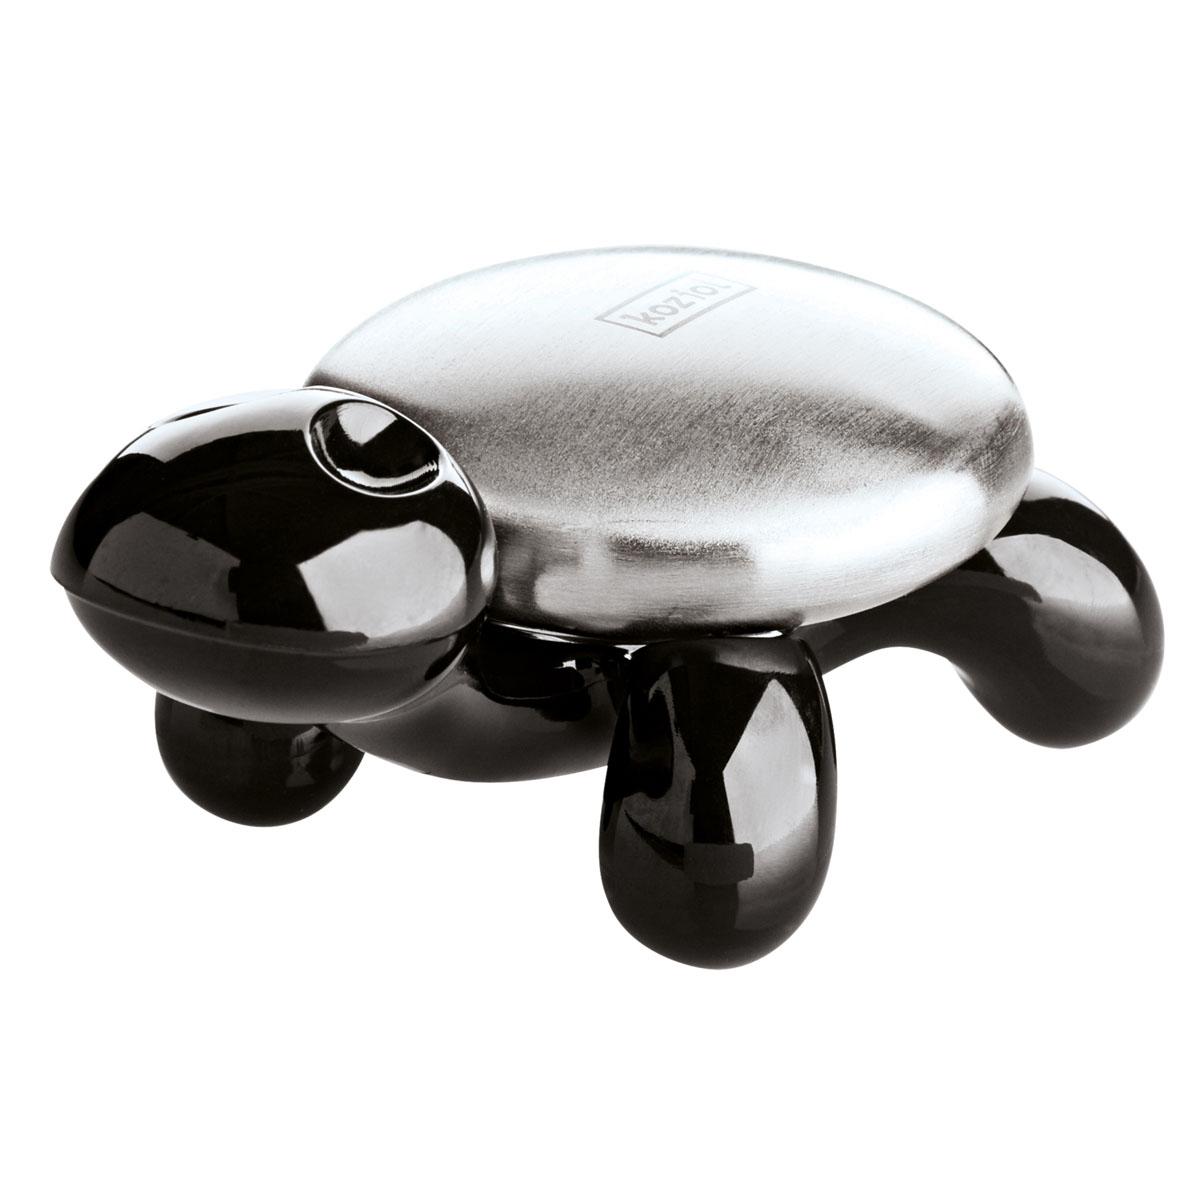 Мыло металлическое Koziol Amanda, цвет: черный, серебристый004.120500.003Металлический кусок мыла Koziol Amanda на изящной подставке в виде черепахи избавляет руки от неприятного запаха чеснока или лука. При контакте с водой металл мгновенно нейтрализует и устраняет неприятный запах. Размер подставки: 10 см х 5,6 см х 4,7 см. Диаметр мыла: 5,5 см.